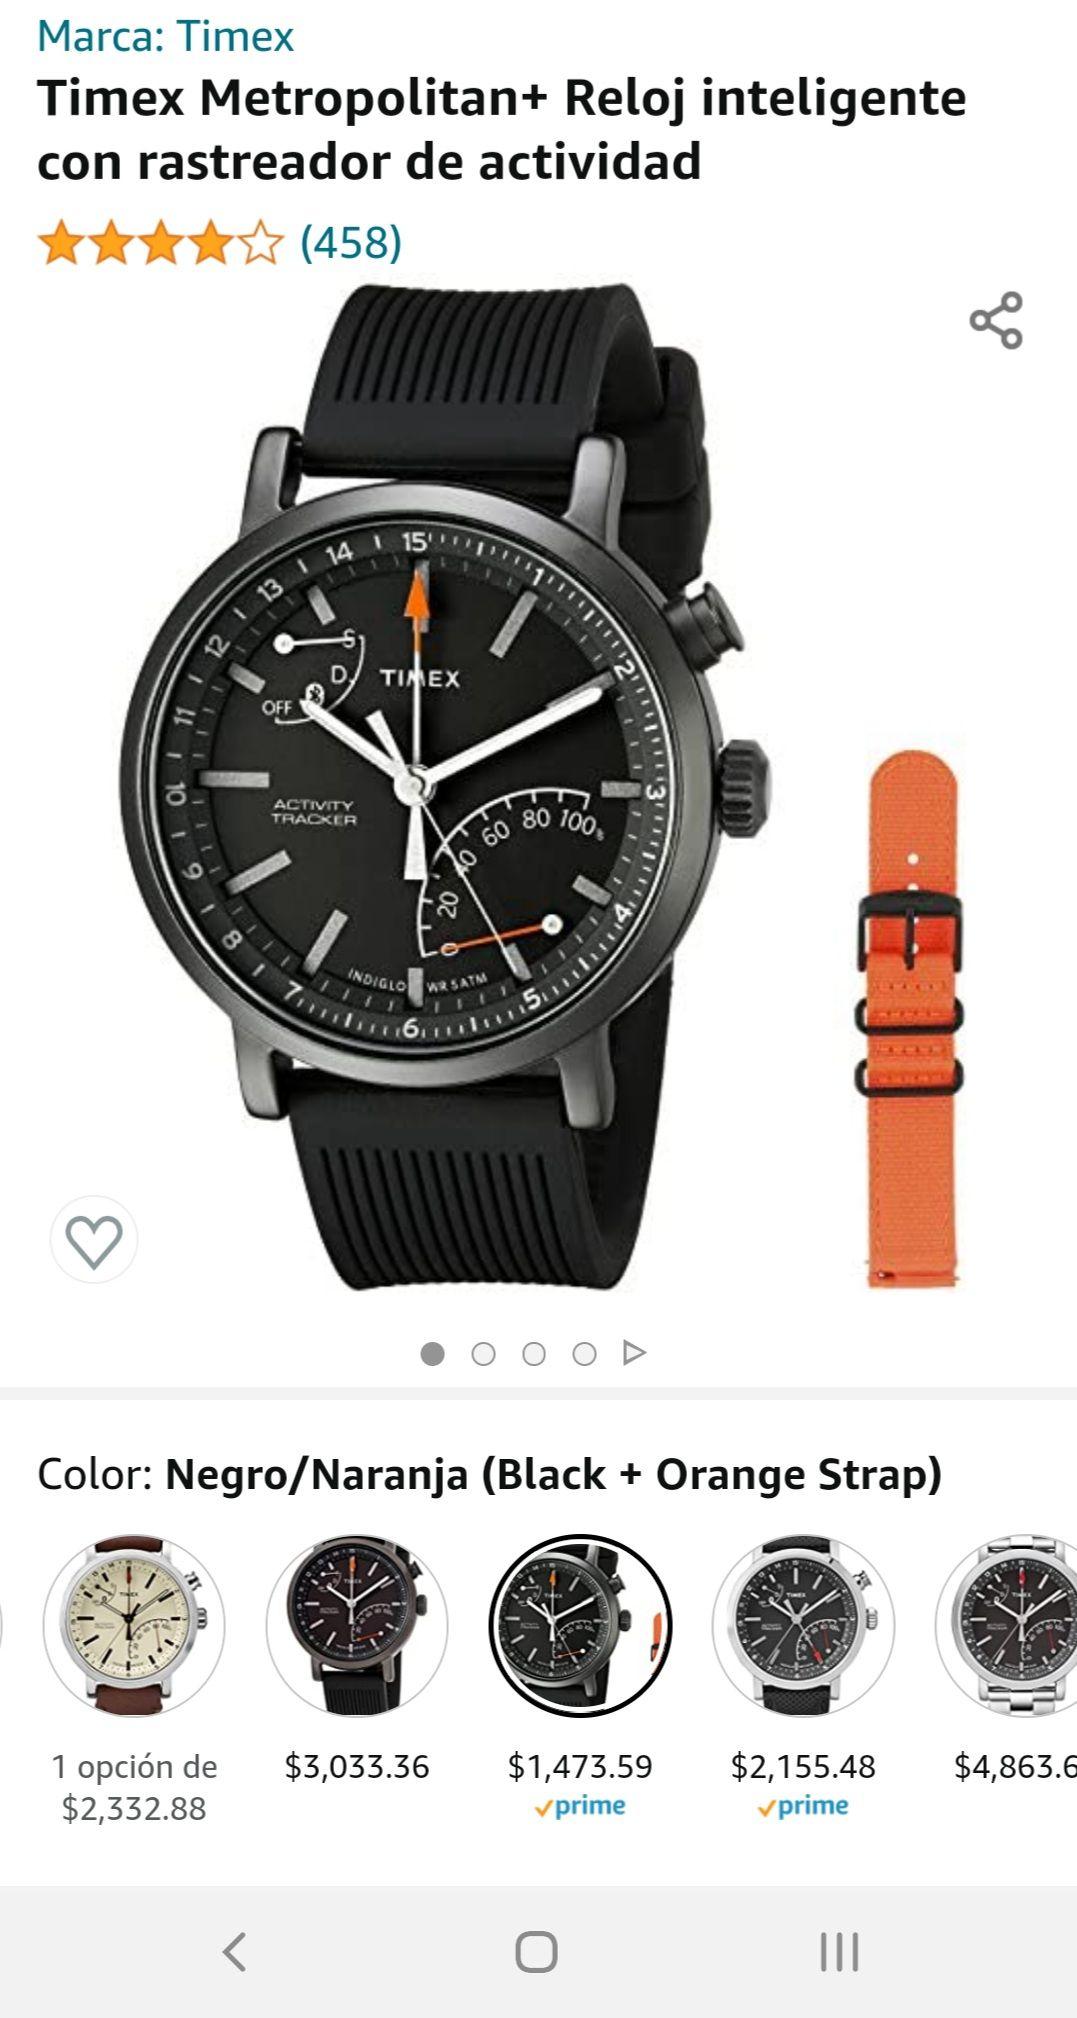 Amazon: Reloj híbrido Timex Metropolitan